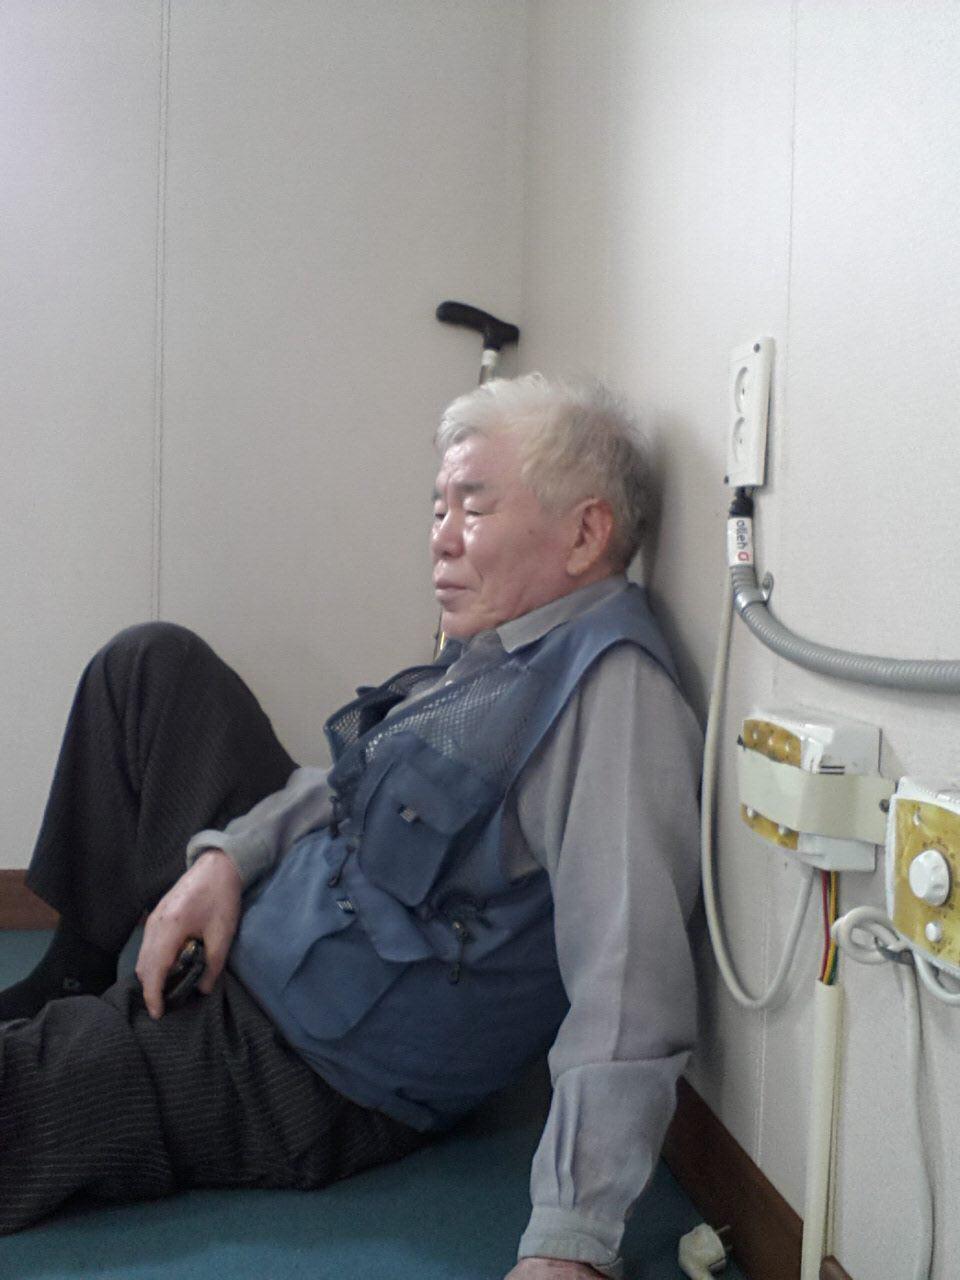 덕적도에서 인천으로 나오는 배 안에서 김흥수. 아픈 다리를 이끌고 덕적도를 헤매고 걸었던 그는 여객선의 객실에서 지쳐 누웠다. 그는 배를 타고 세계여행을 다니고 싶어한다.